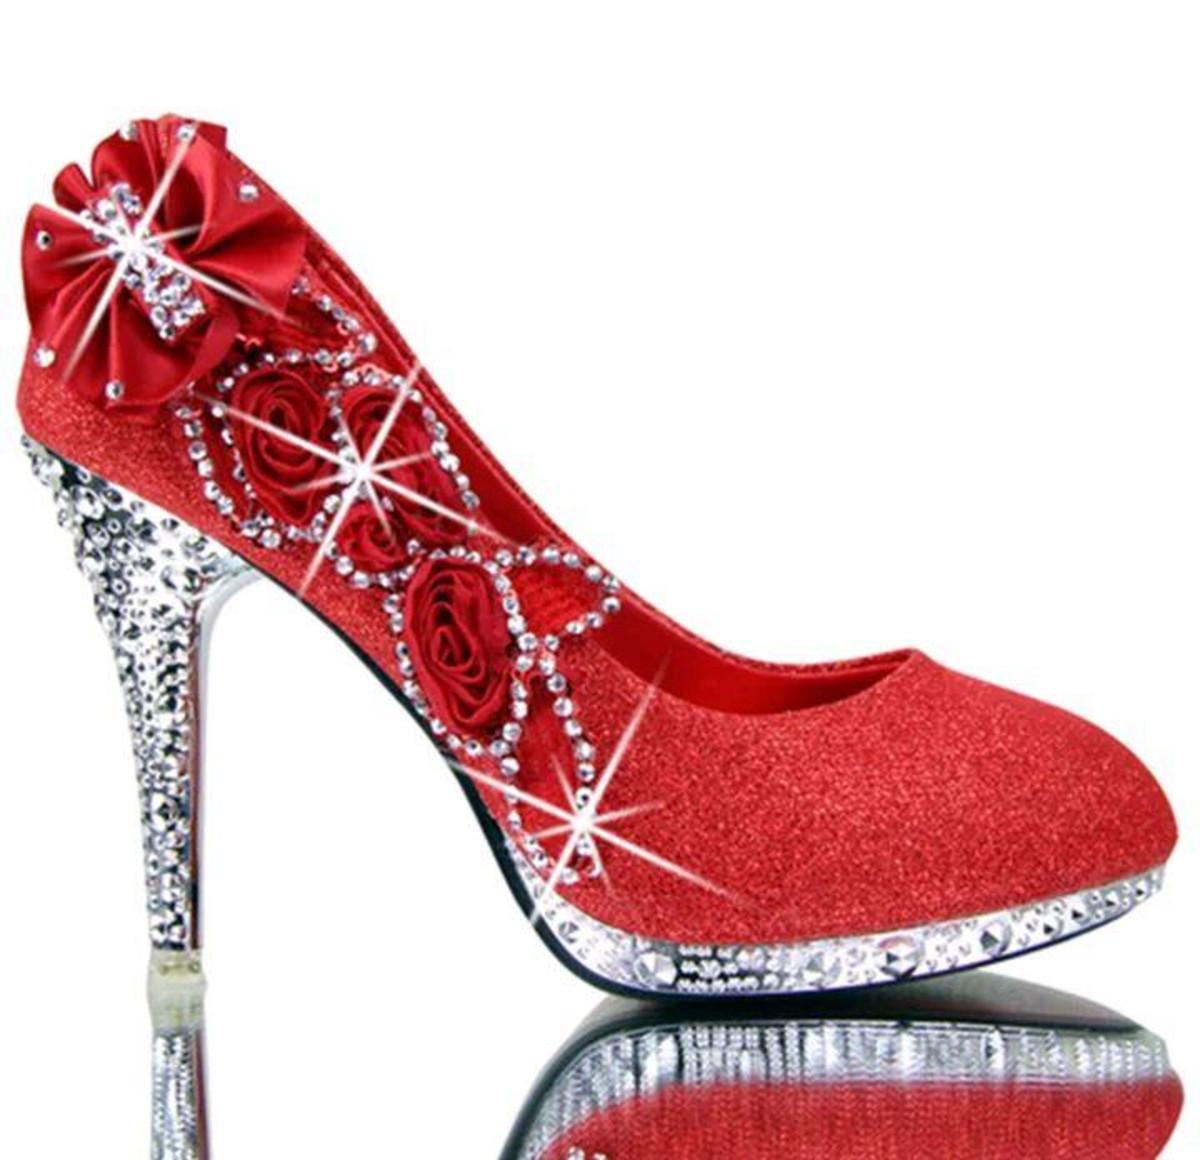 5d8ba04d1 Sapato de Noiva vermelho guipir personalizado no Elo7 | Cantinho ...